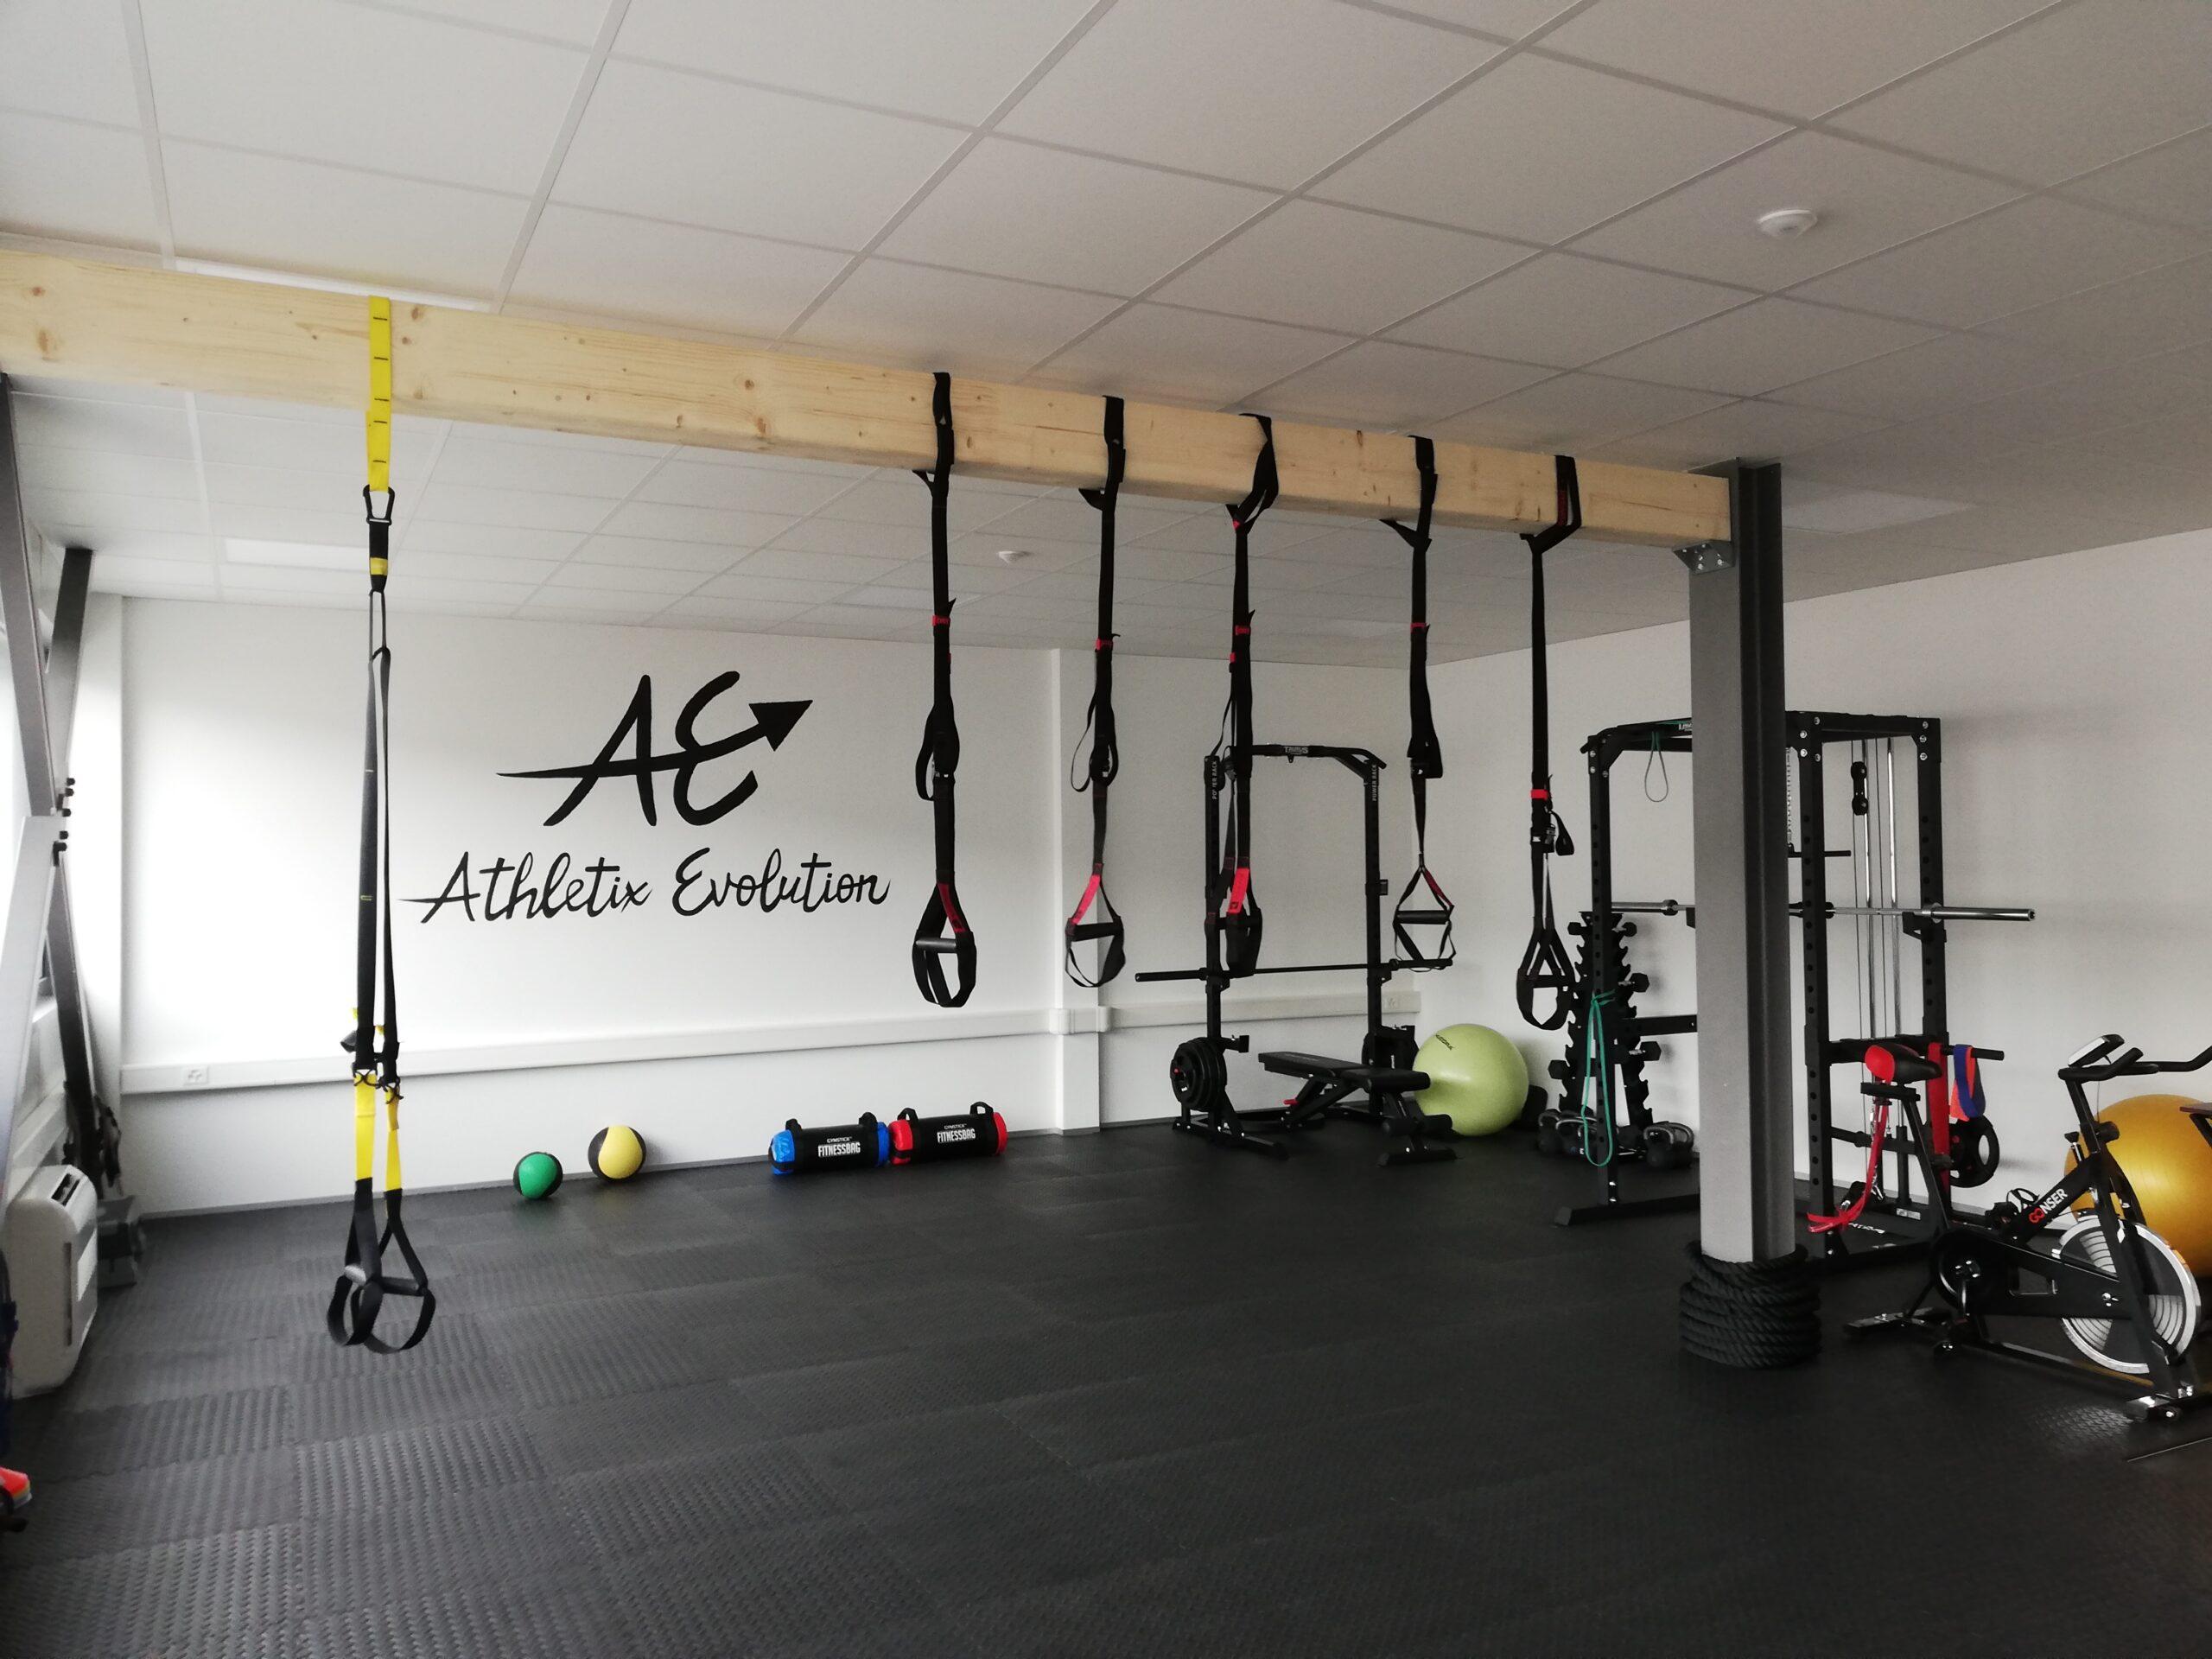 Athletix Evolution -Salle de Sport Equippée - Activité et services